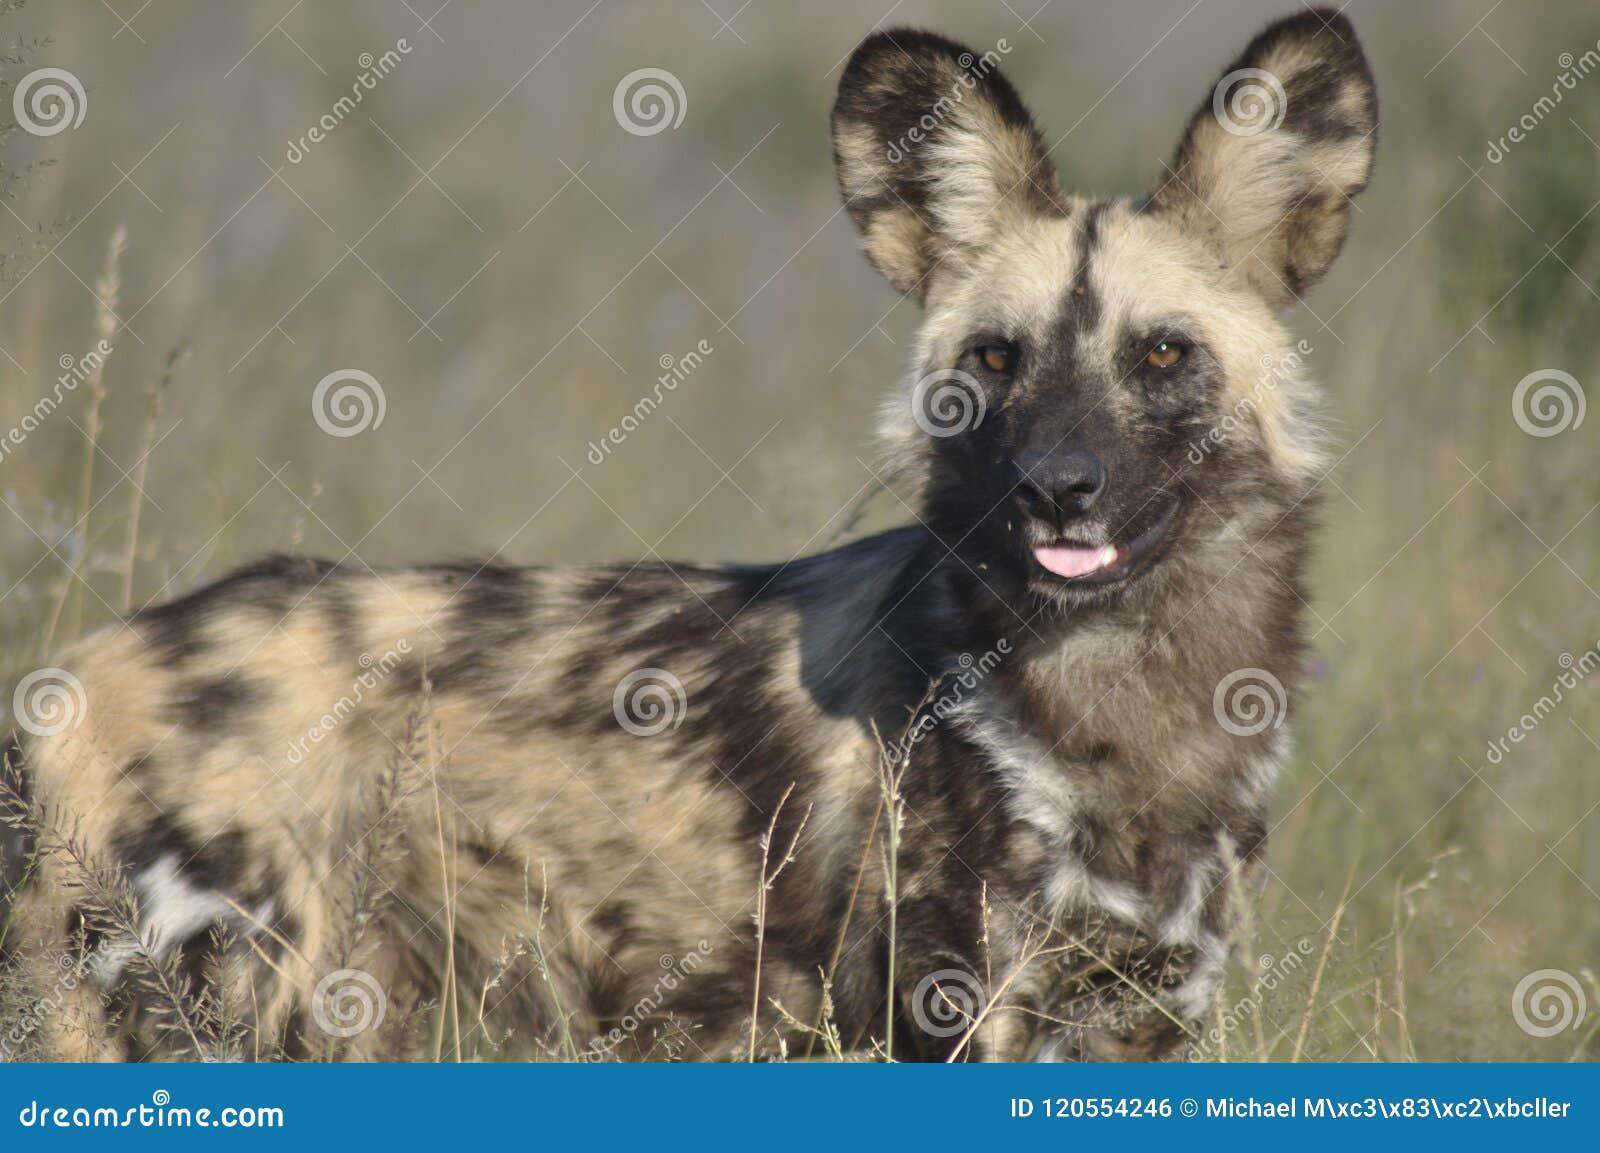 Wilddog-réservation à la prairie Safari Lodge dans le Kalahar central